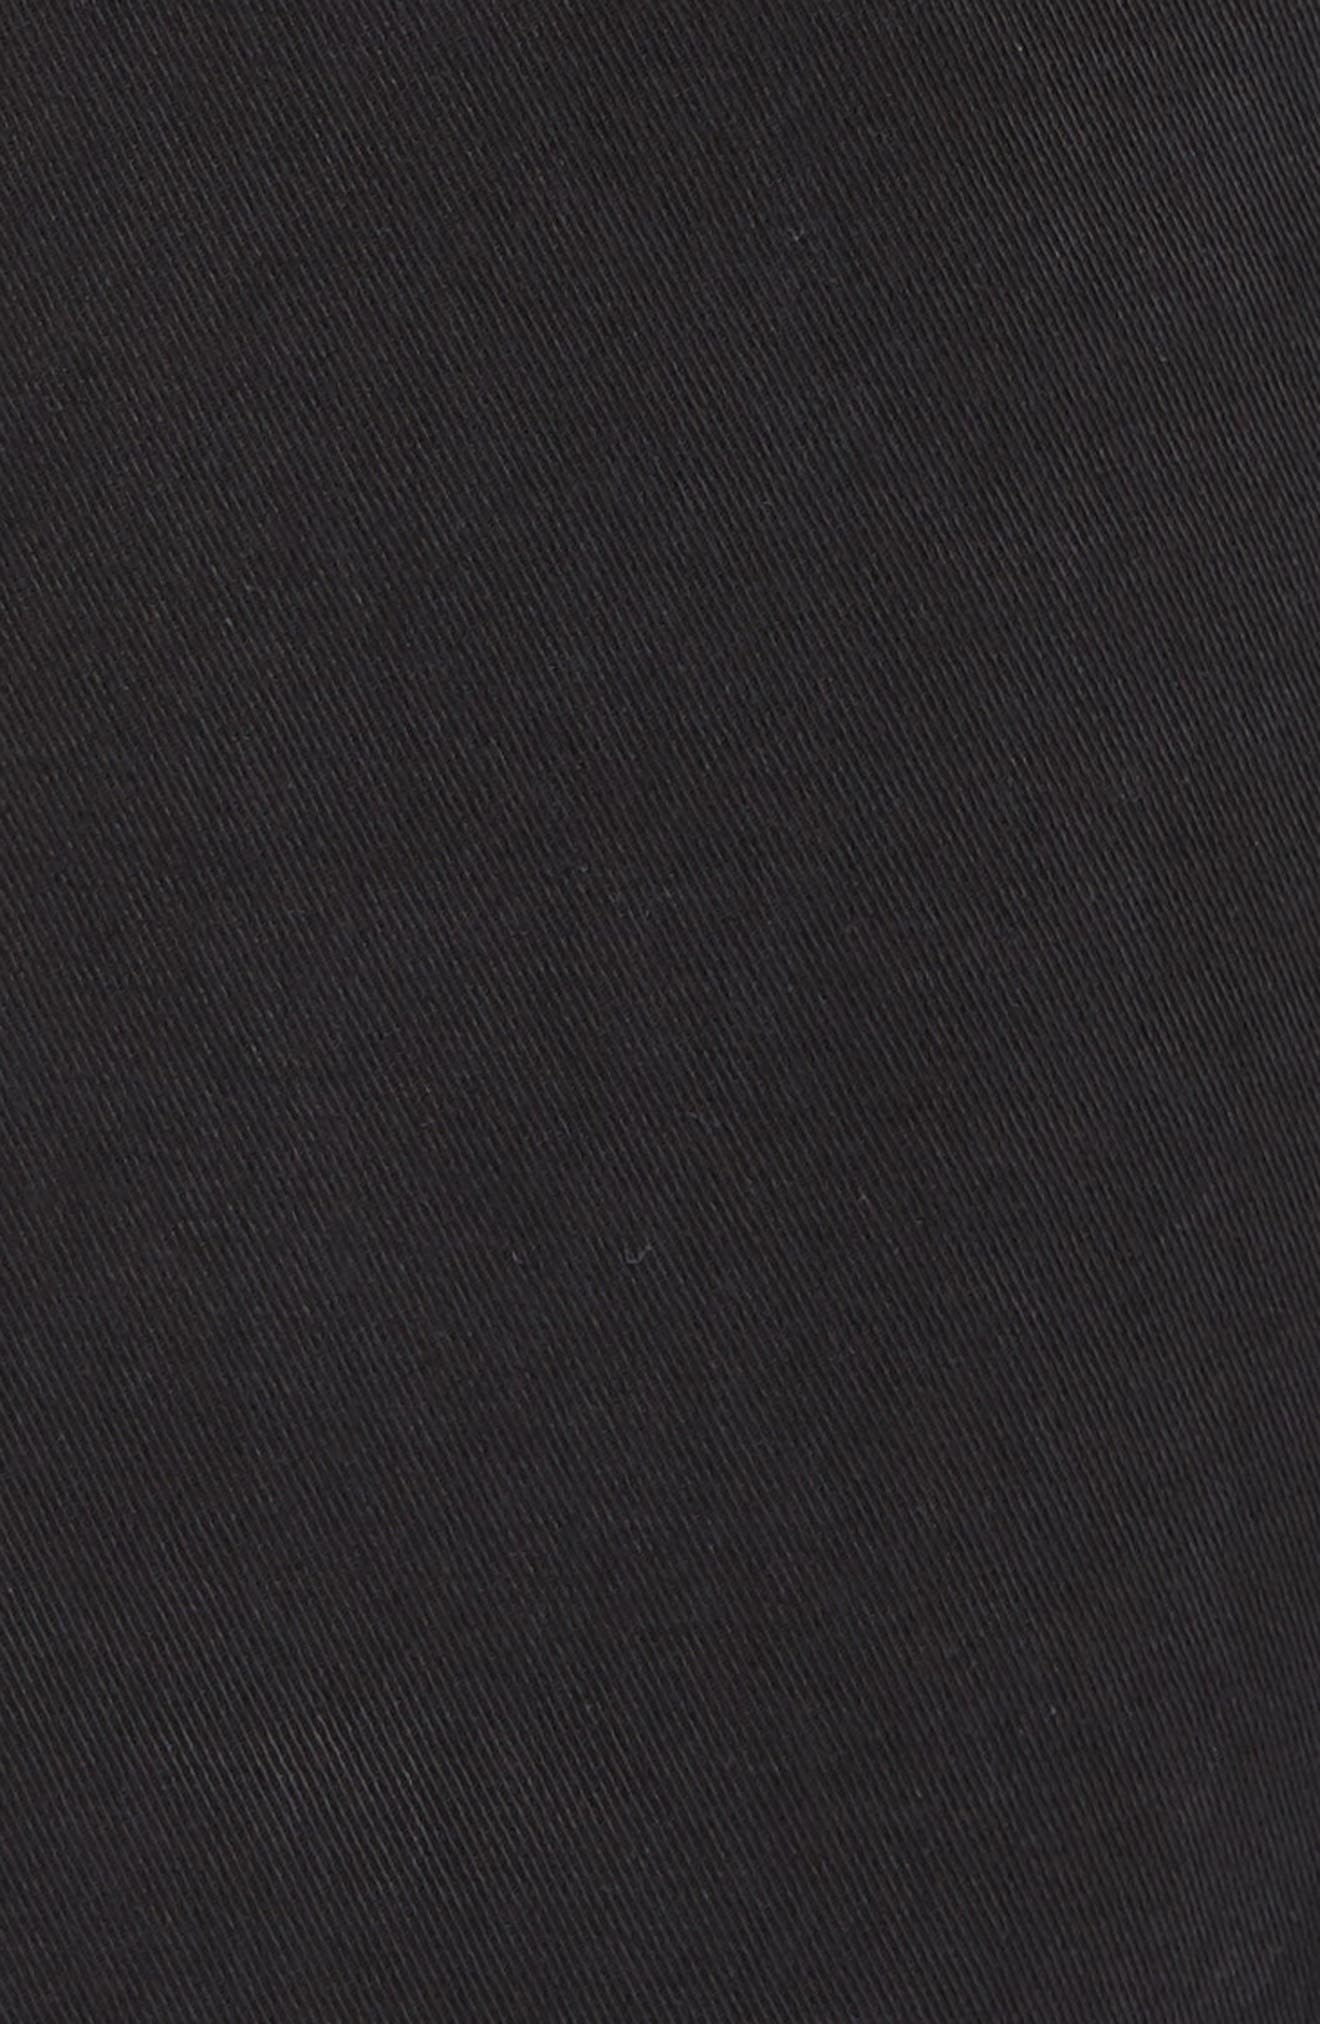 Trim Fit Pants,                             Alternate thumbnail 5, color,                             001